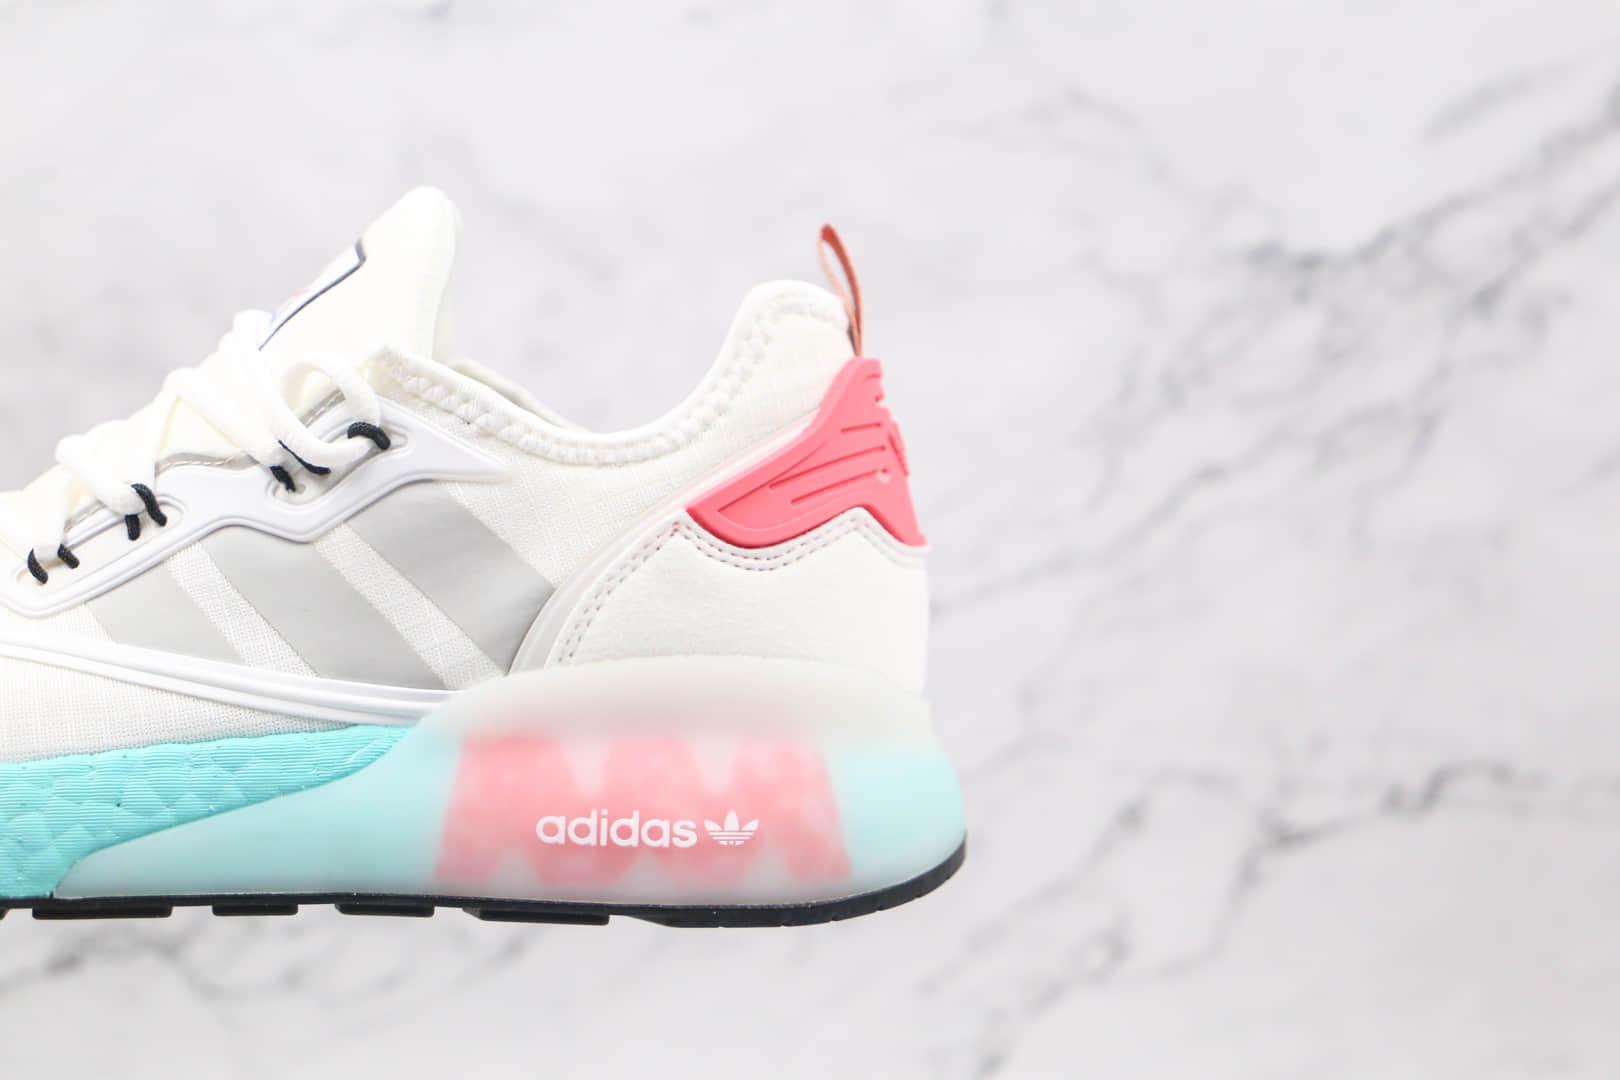 阿迪达斯Adidas Originals ZX 2K Boost纯原版本三叶草爆米花ZX 2K白灰红蓝色跑鞋原档案数据开发 货号:FY7054